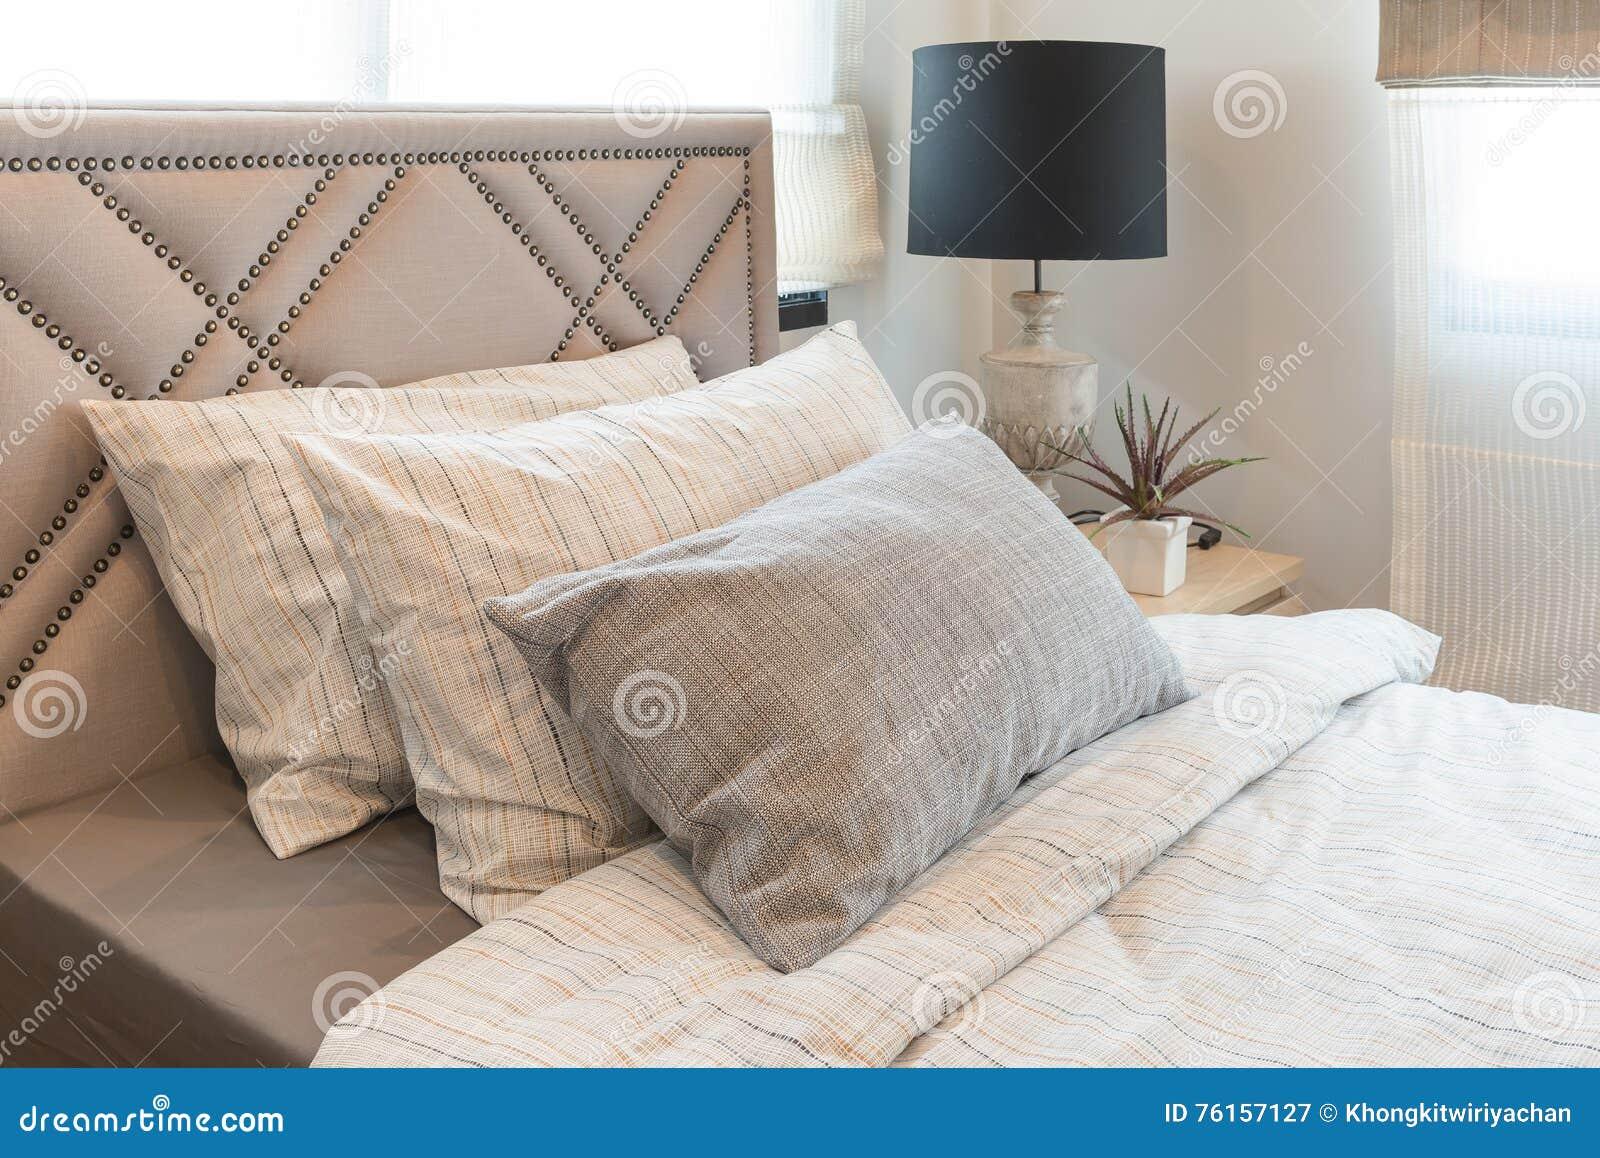 Lit Simple Dans La Chambre à Coucher Moderne Avec La Lampe ...